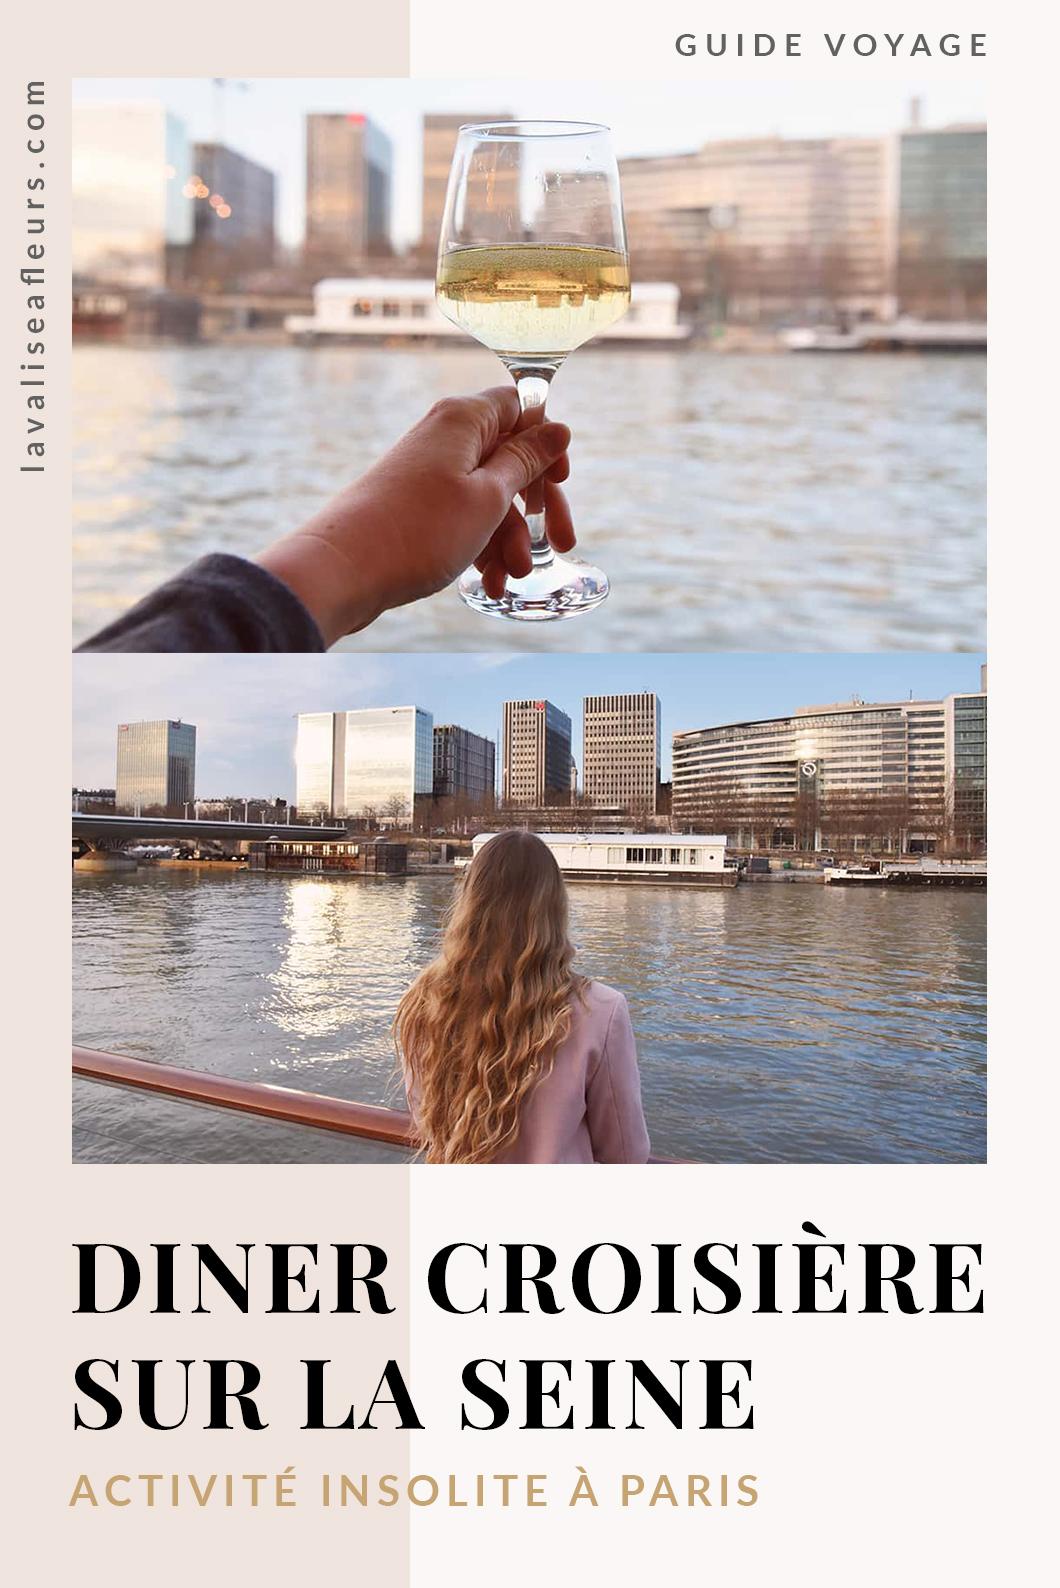 Diner croisière sur la Seine, activité insolite à Paris